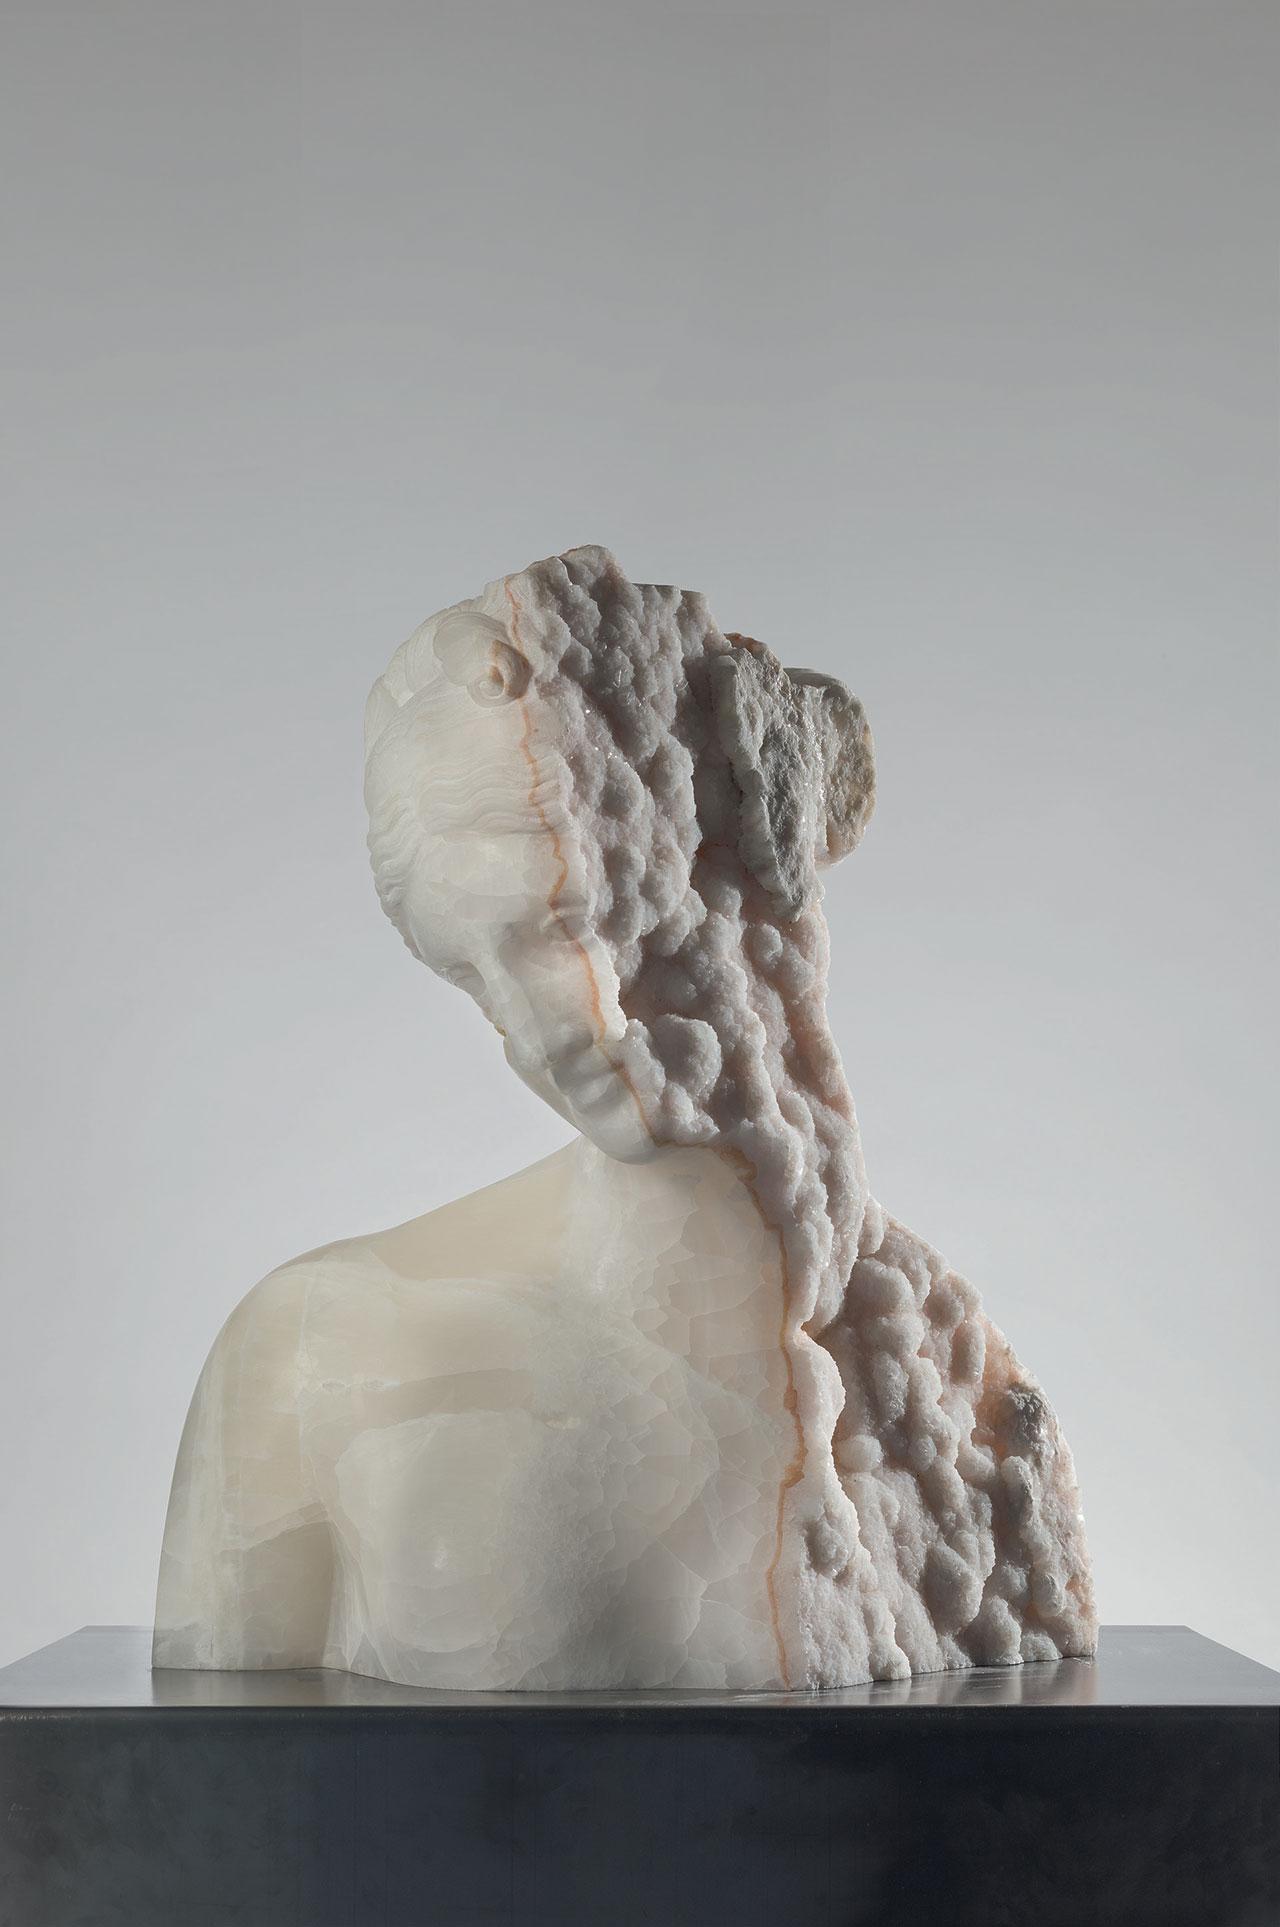 Massimiliano Pelletti, Crystal Venus,2017. Mexican onyx madre cava. 72 x 75 x 38 cm.